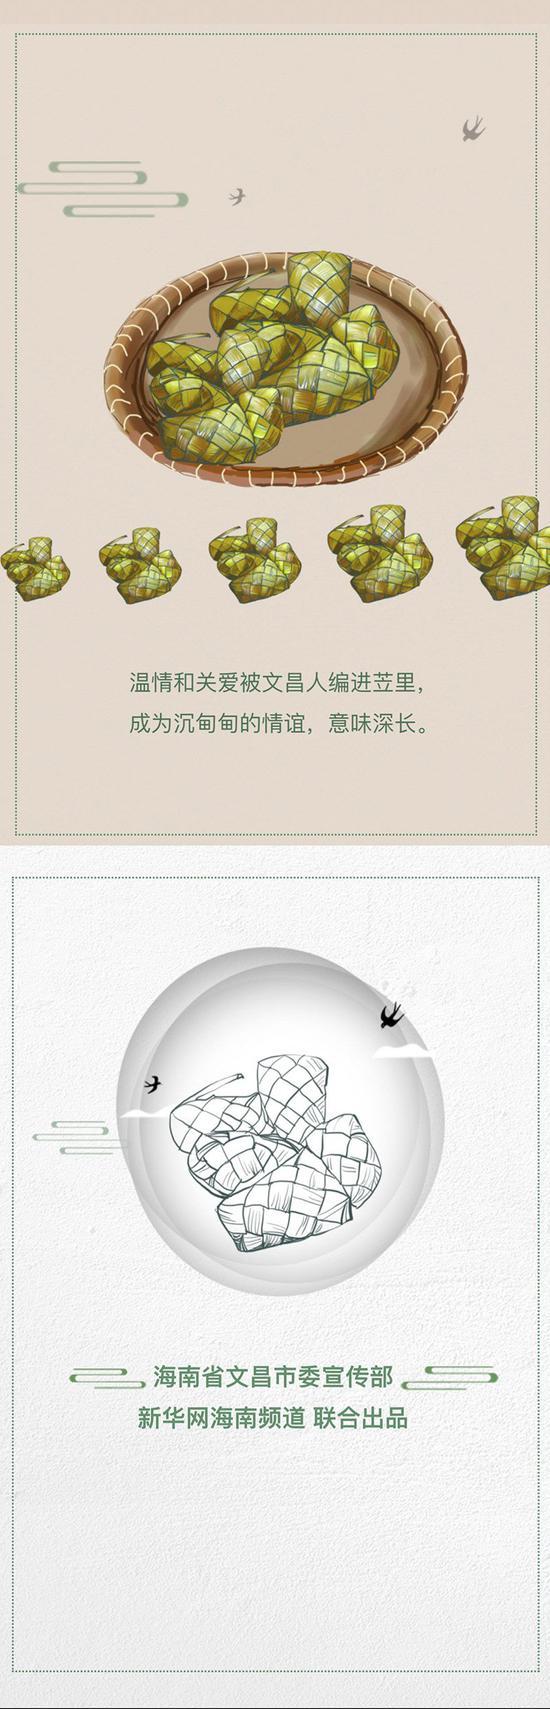 """(原标题:""""苙""""里有浓情 海南传统美食你真的了解吗?)"""